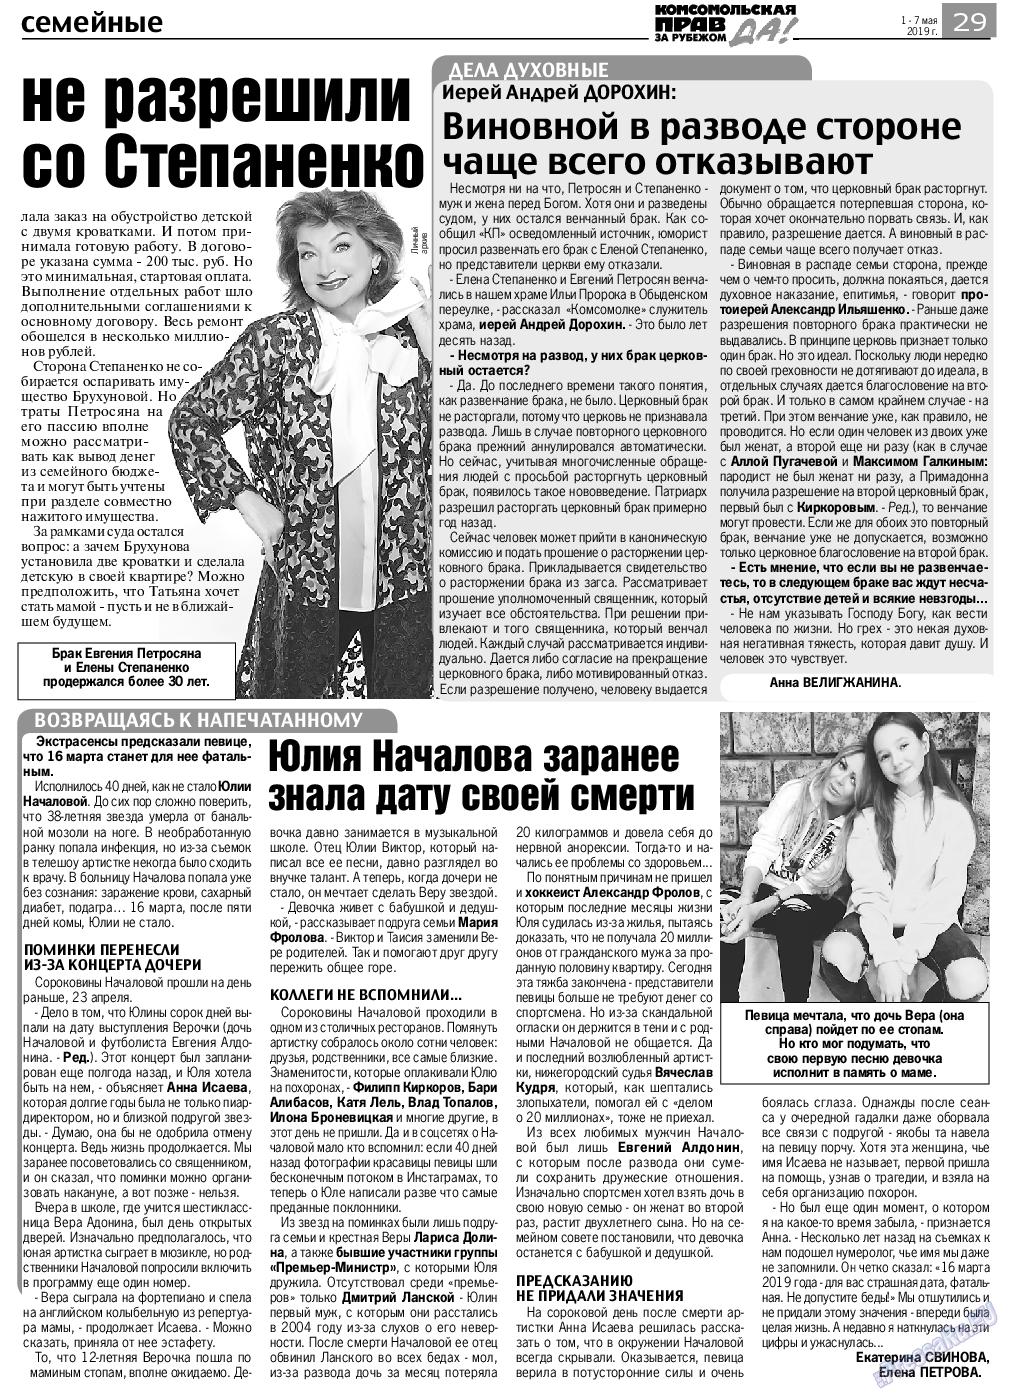 КП в Европе (газета). 2019 год, номер 18, стр. 29